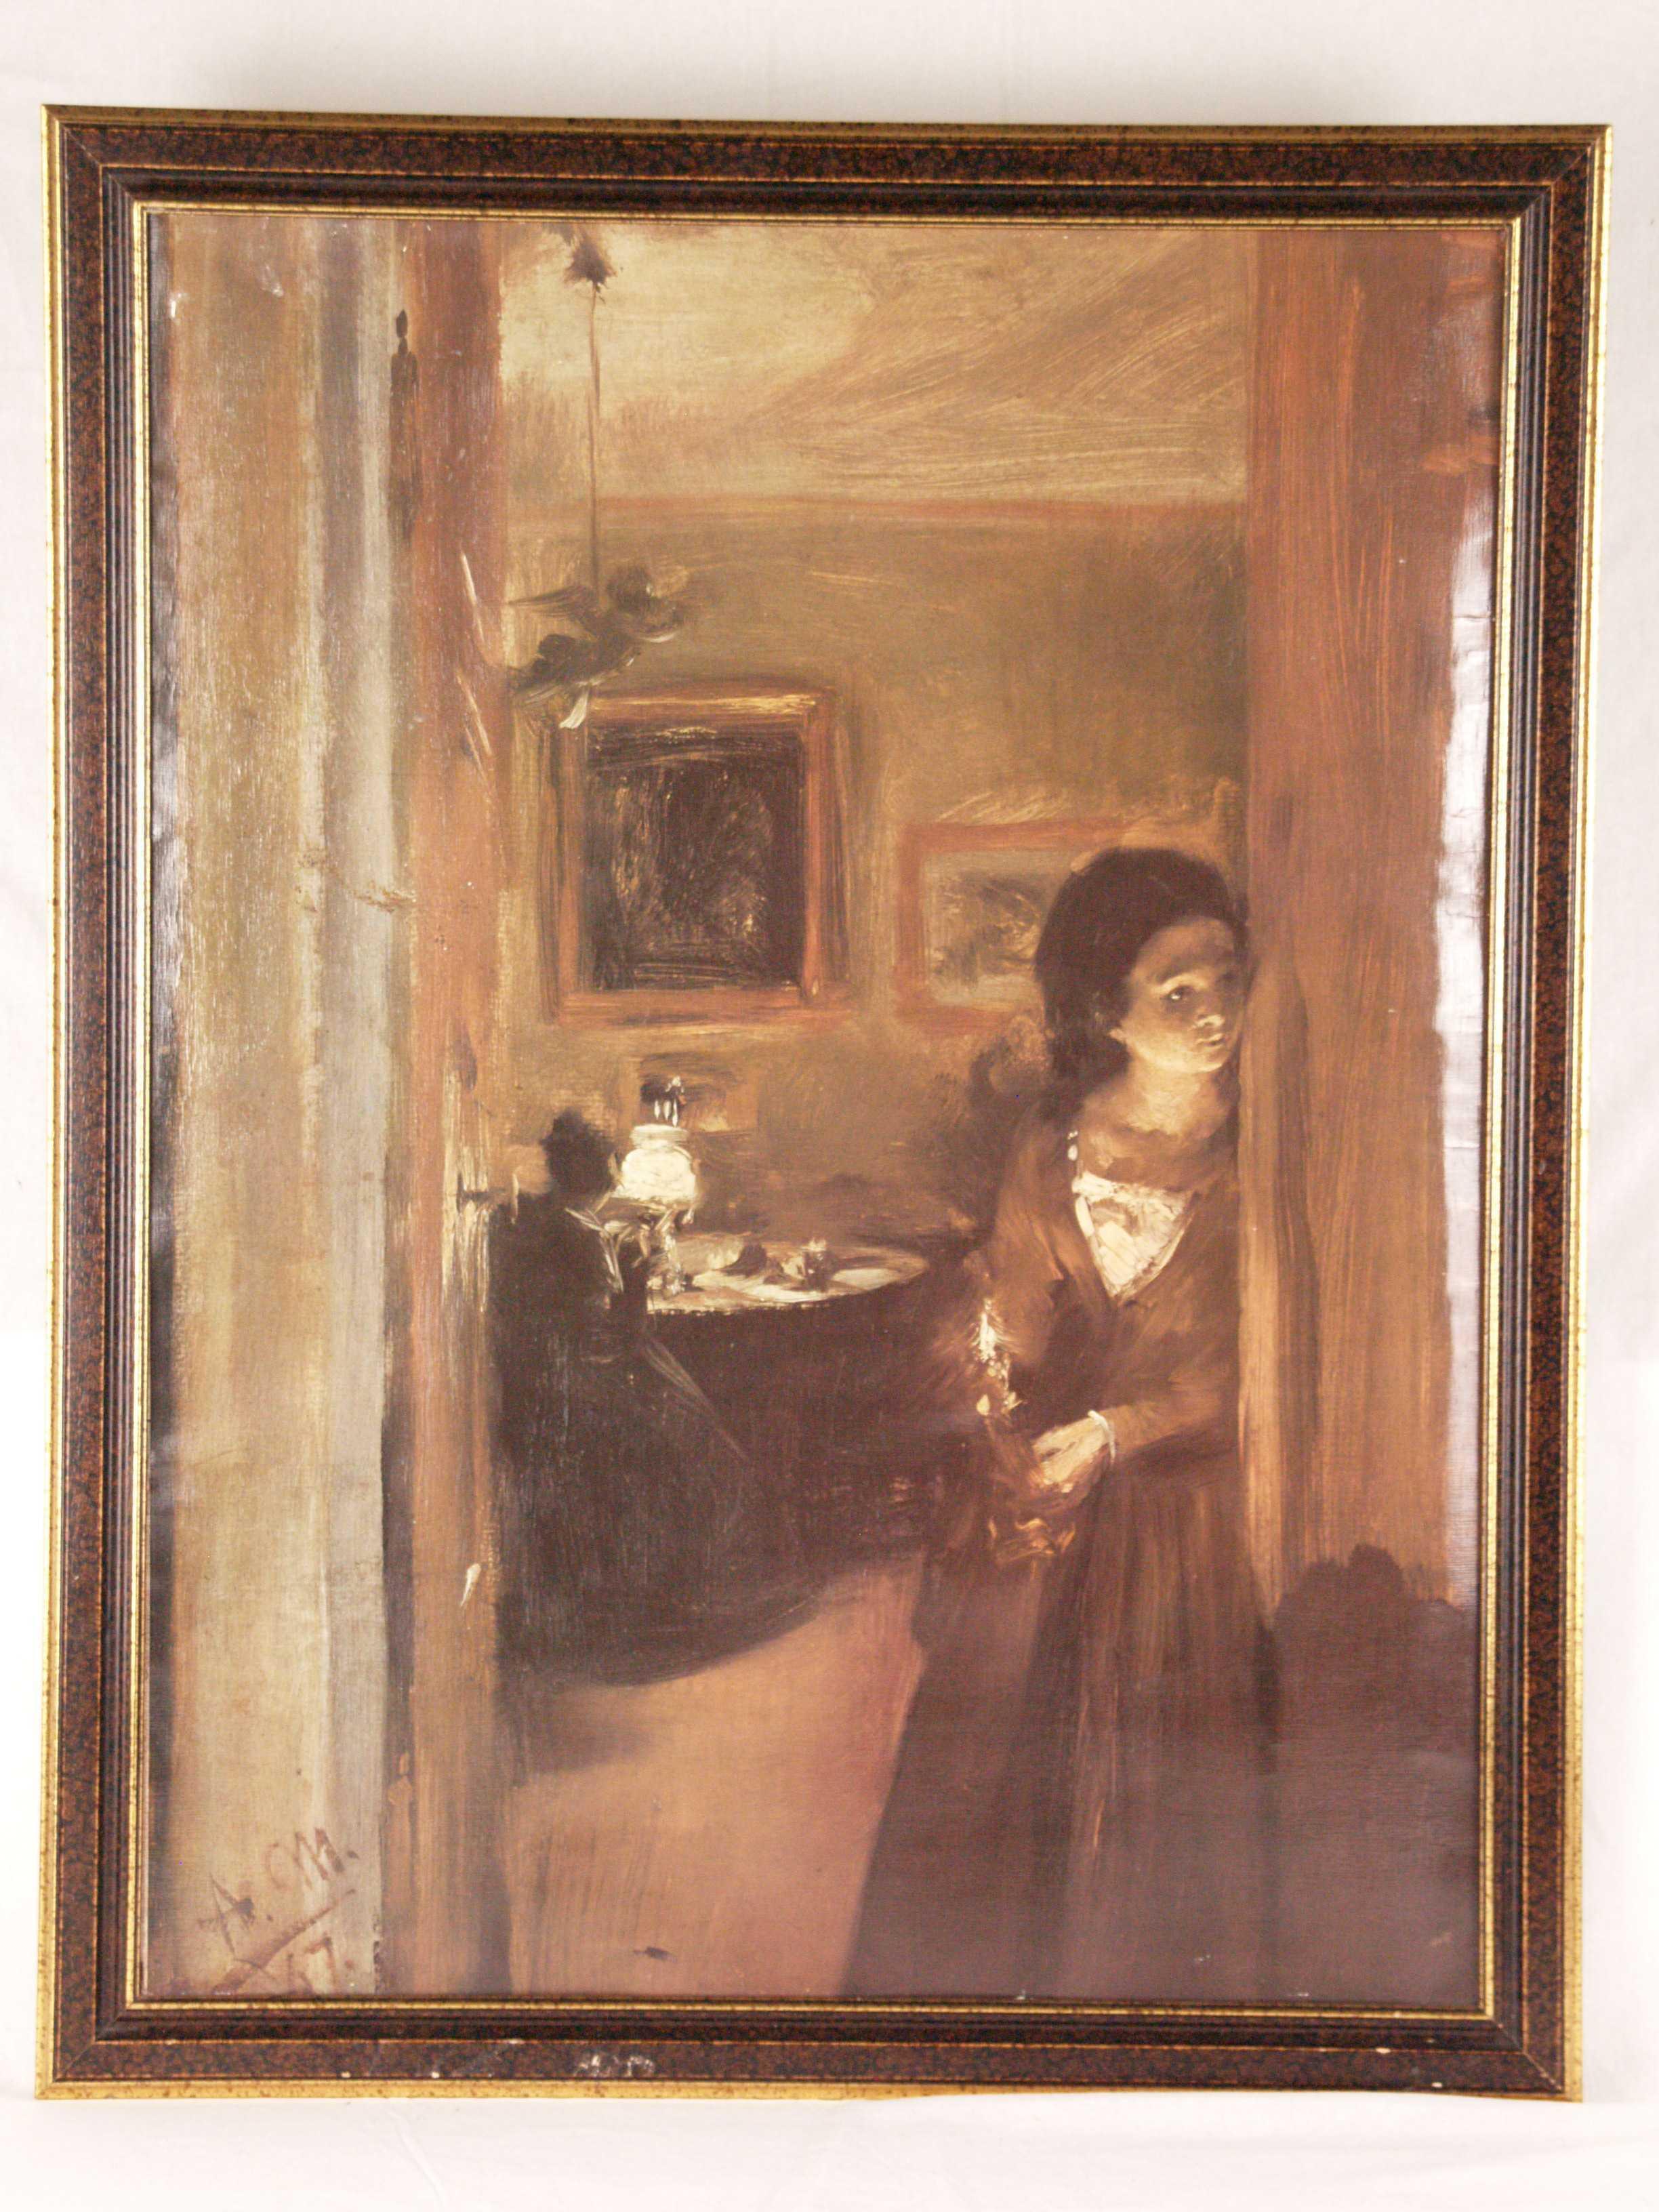 Blick Ins Wohnzimmer Art Graphic Auctionet